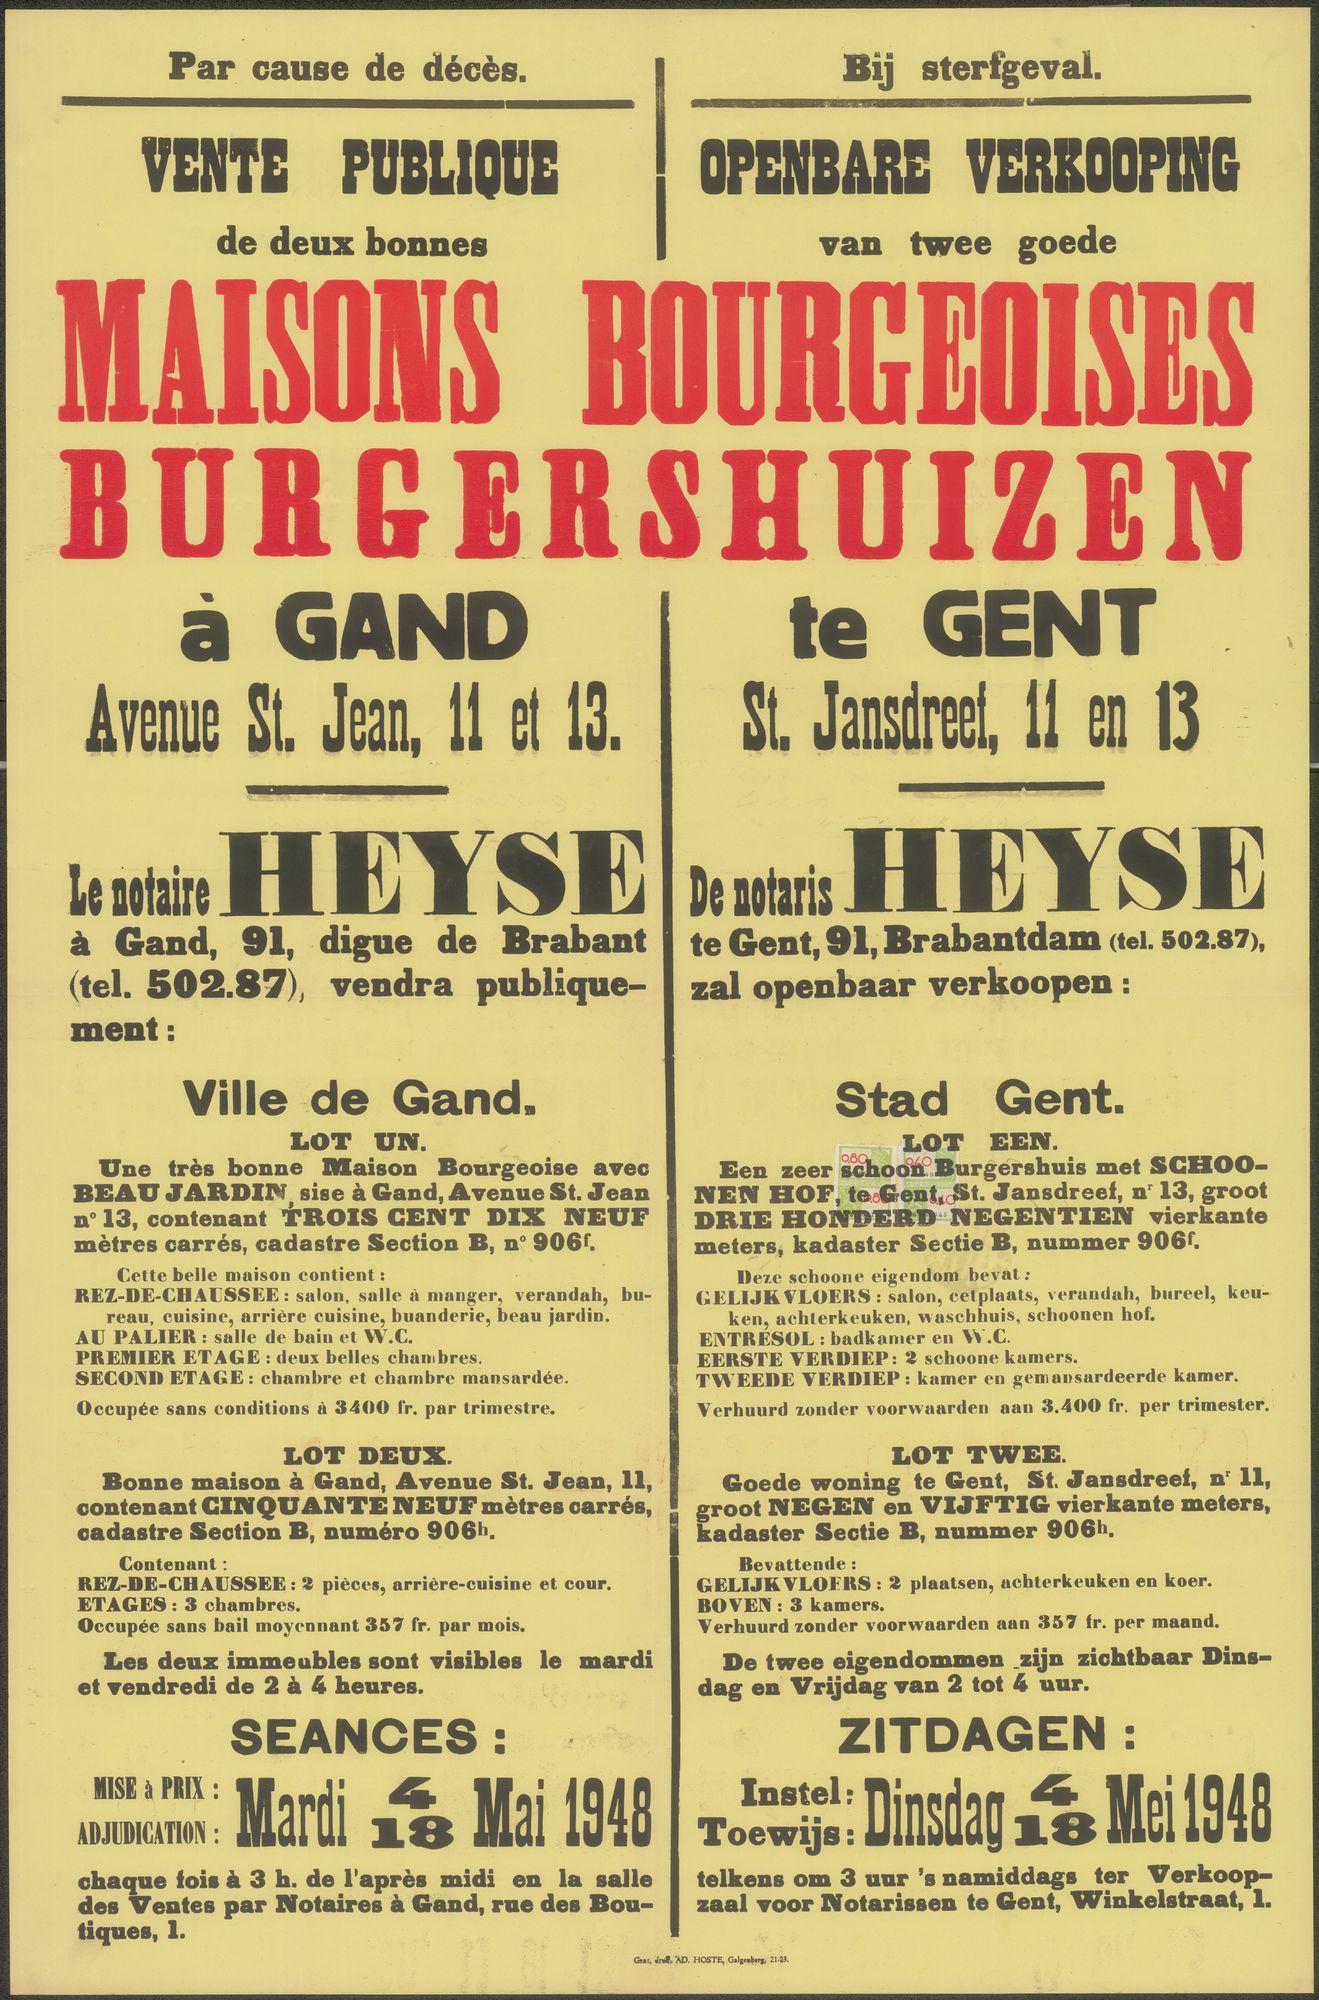 Openbare verkoop van twee goede burgershuizen te Gent, Sint-Jansdreef, nrs.11 en 13, Gent, 18 mei 1948